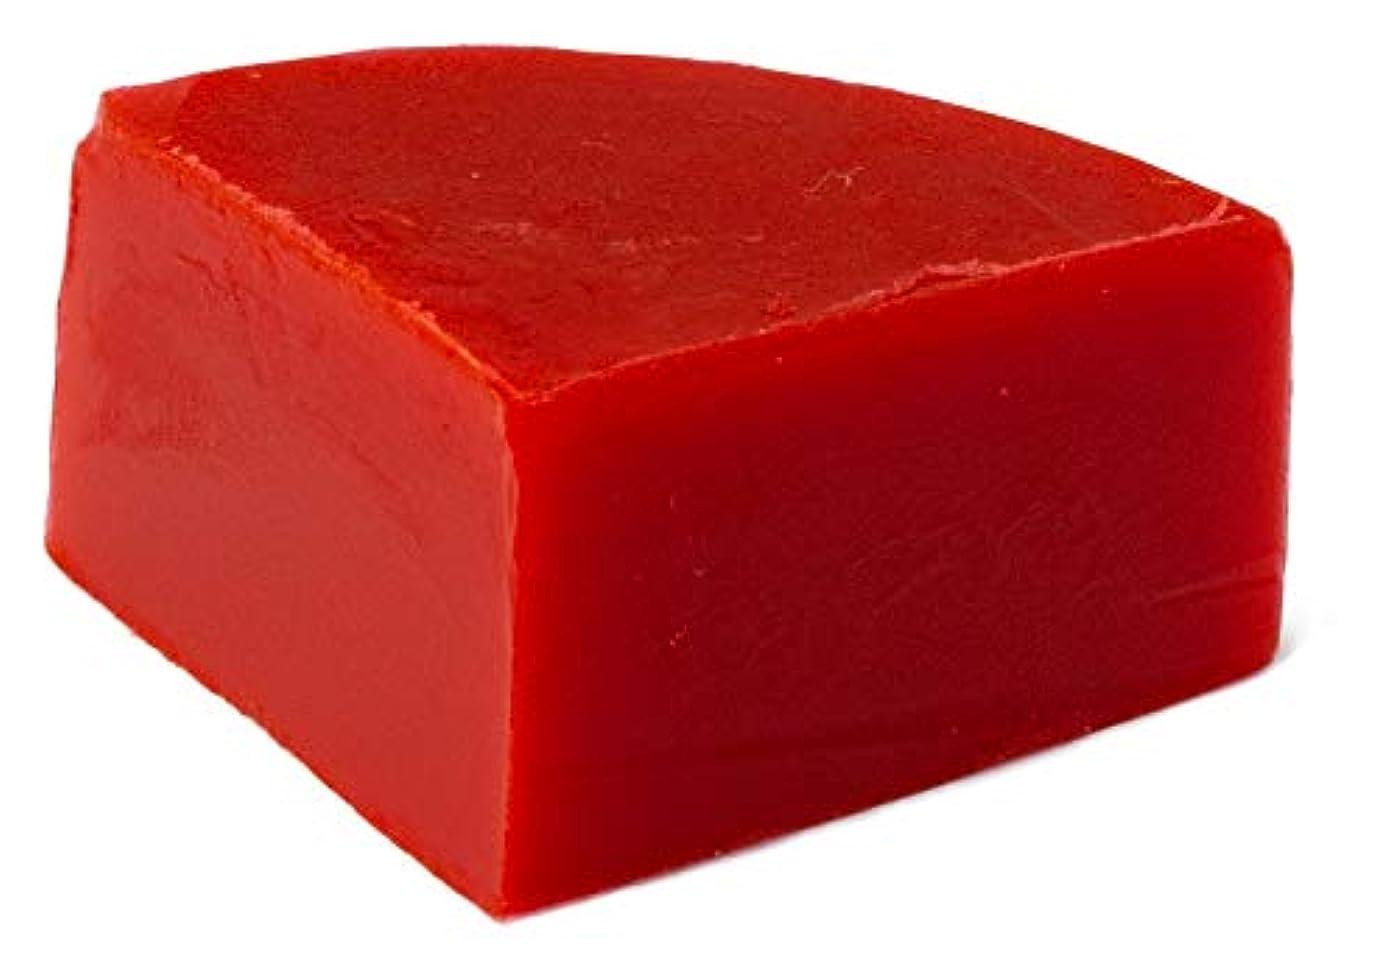 発送ヒステリック騒グリセリン クリアソープ 色チップ 赤 25g (MPソープ)